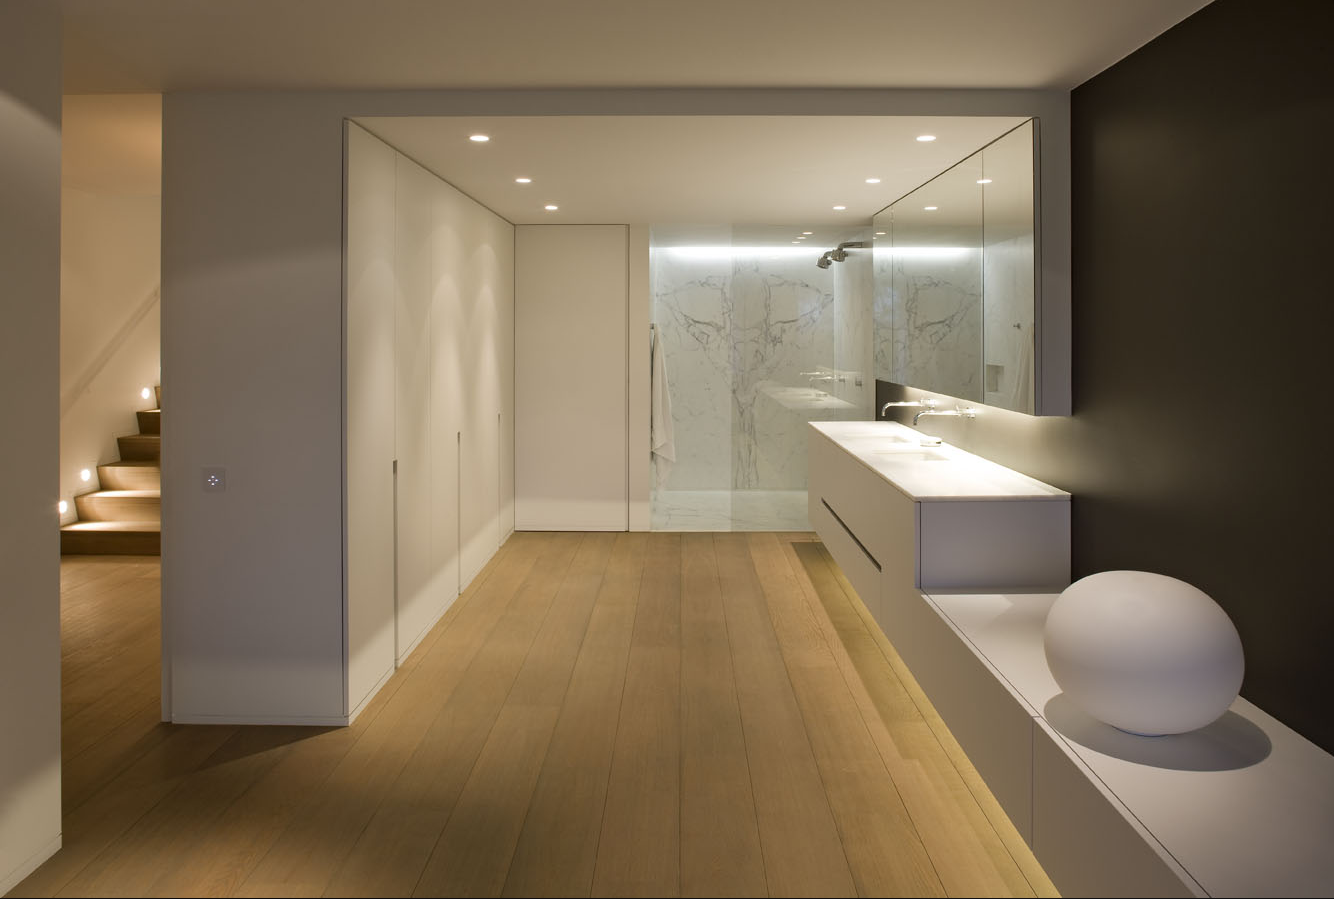 Design badkamer met parket   Bouwstijl - binnenkant   Pinterest ...